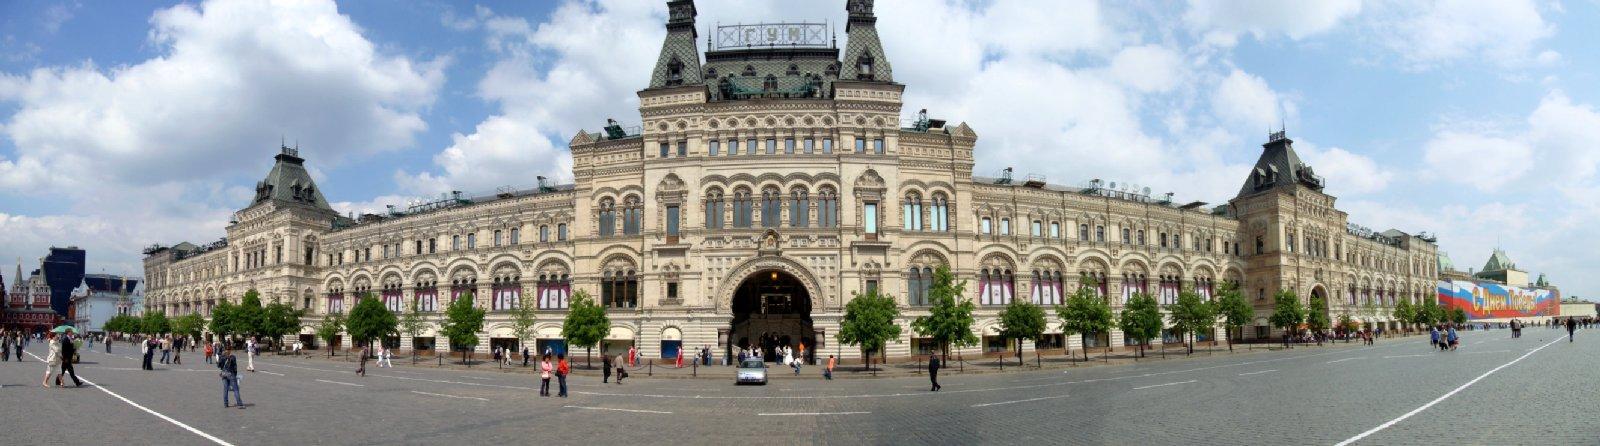 ТД «ГУМ» в Москве